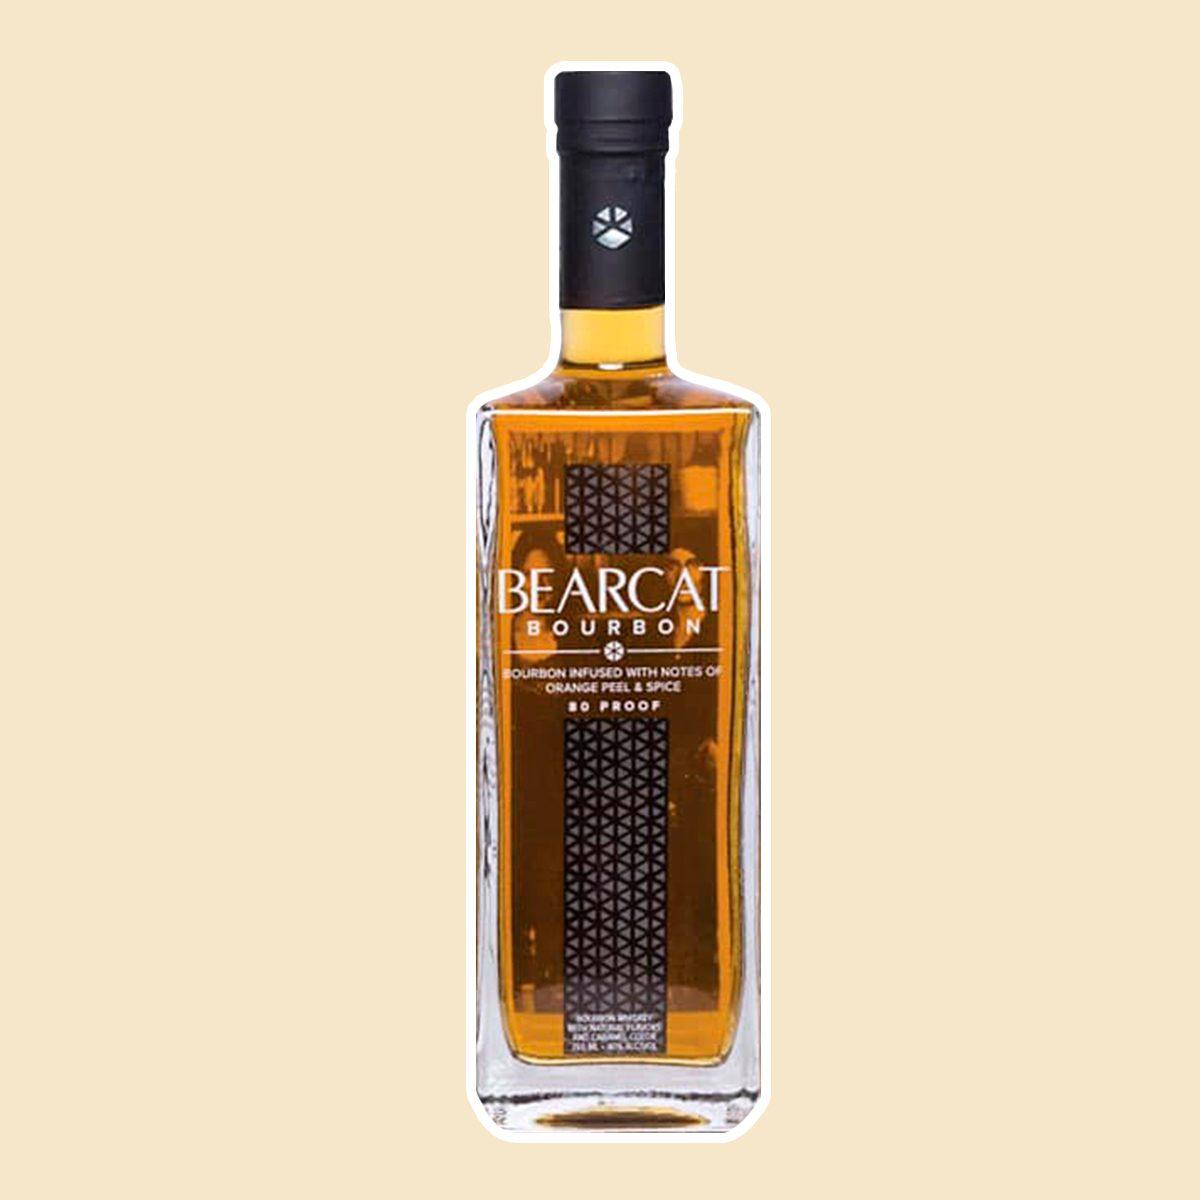 Bearcat Orange Peel & Spice Infused Bourbon